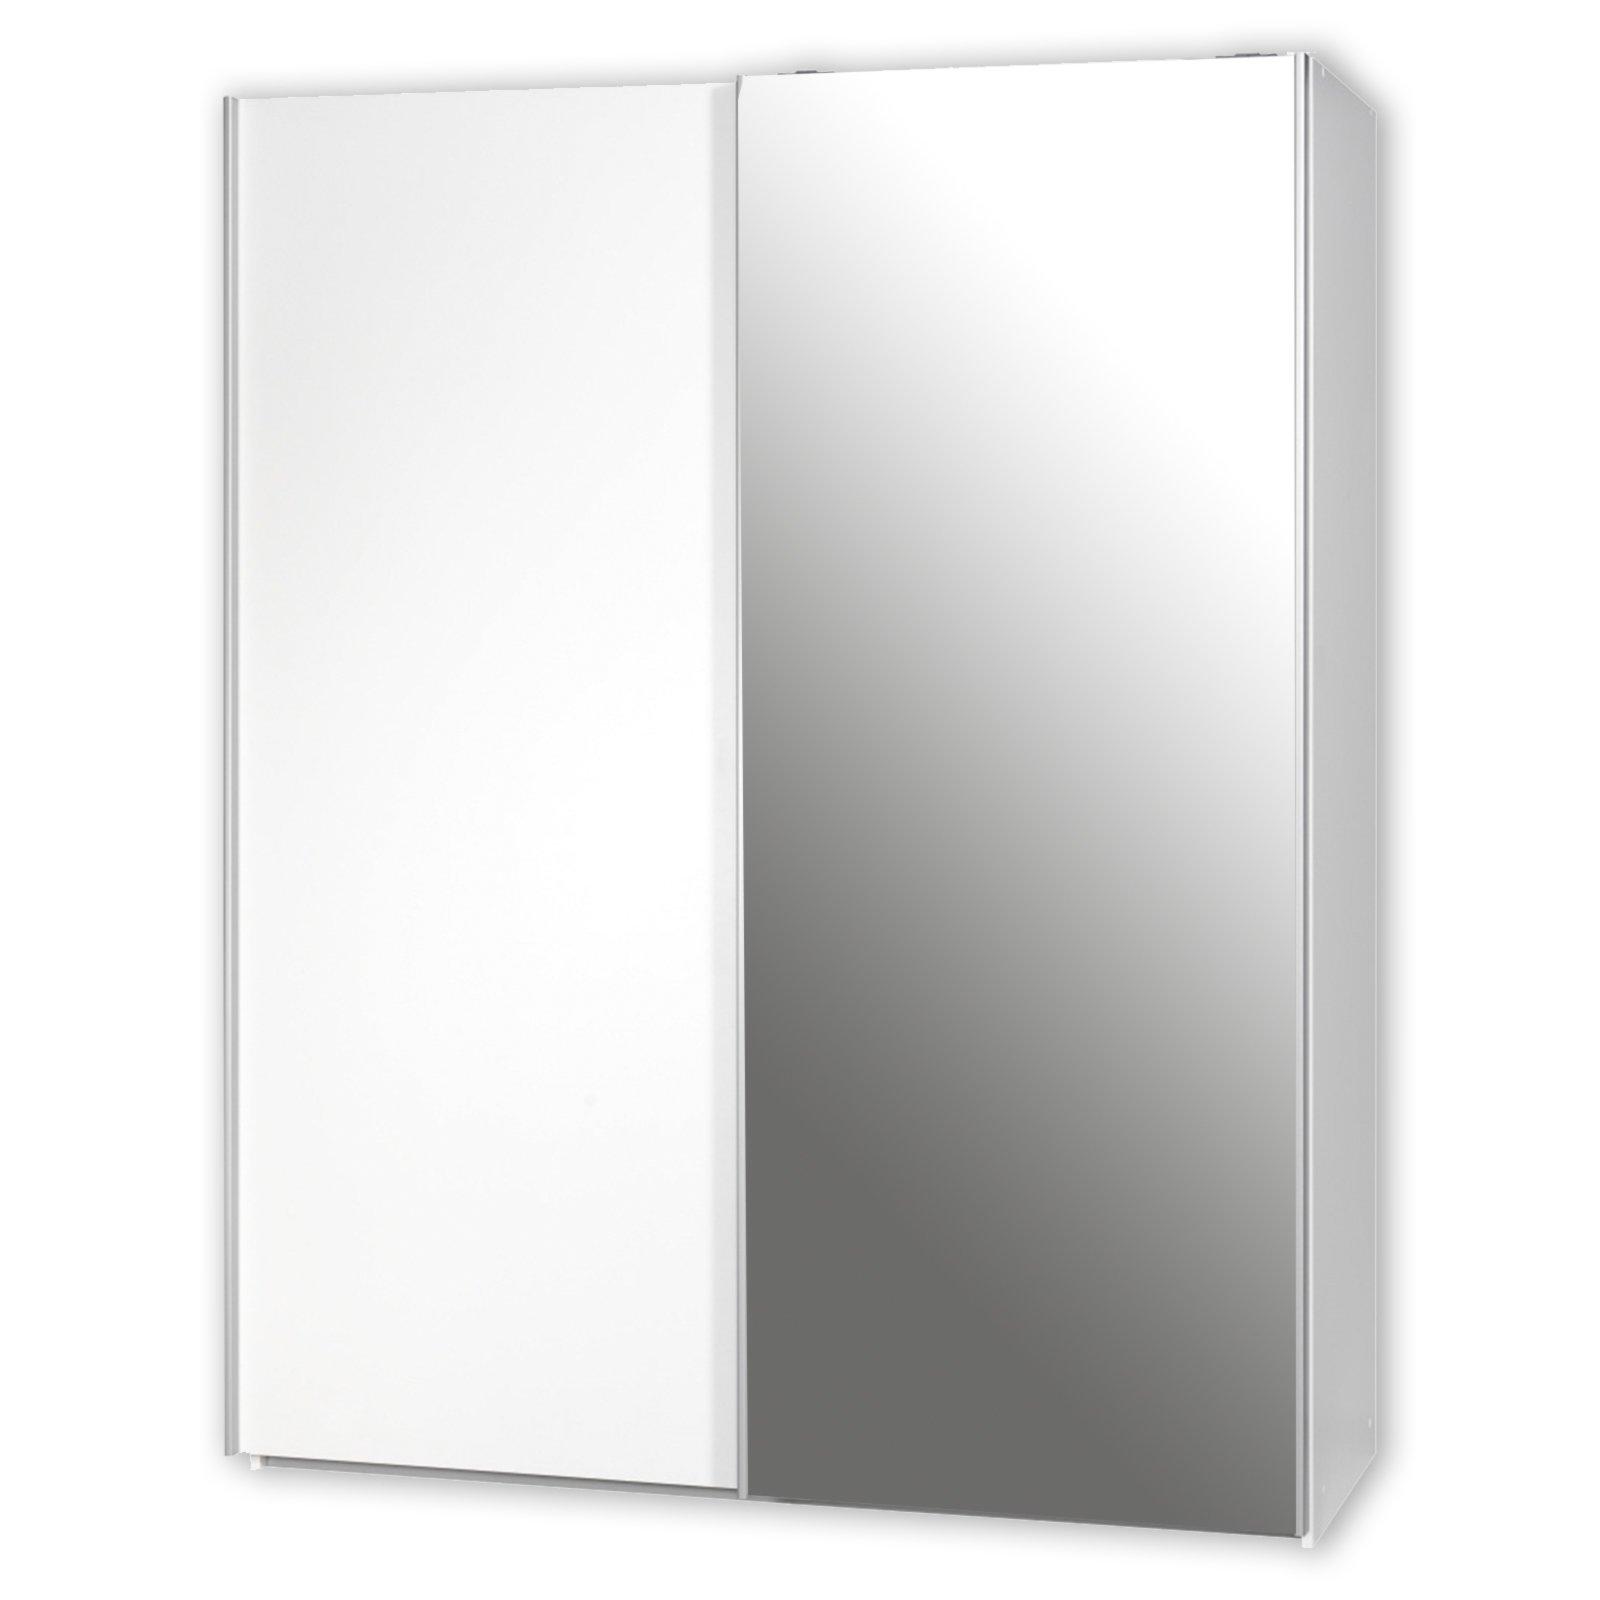 roller schwebetürenschrank soft smart - mit spiegel - weiß - 150 cm